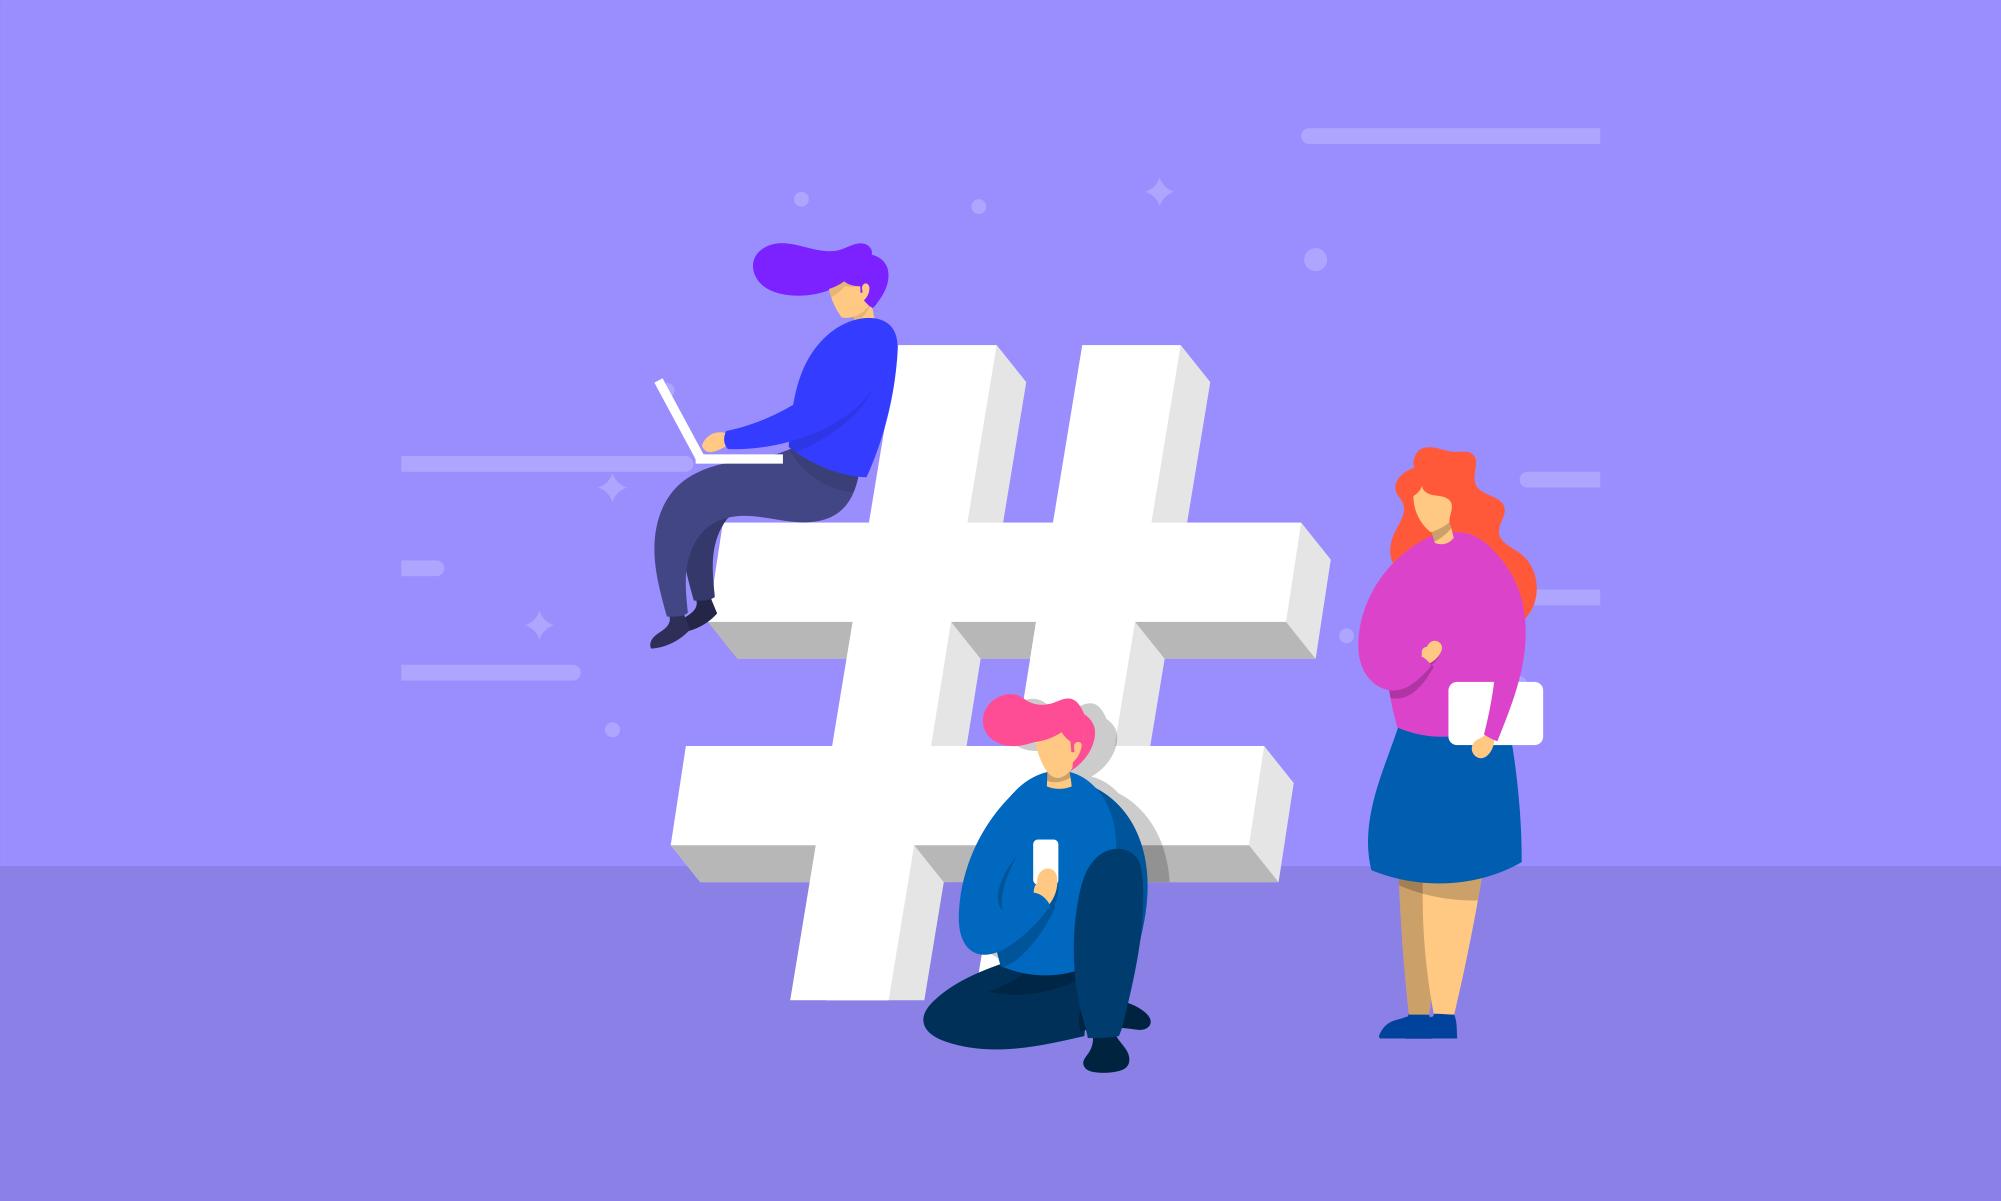 Agência Solid - Hashtag no Instagram como usar para obter resultados para sua empresa